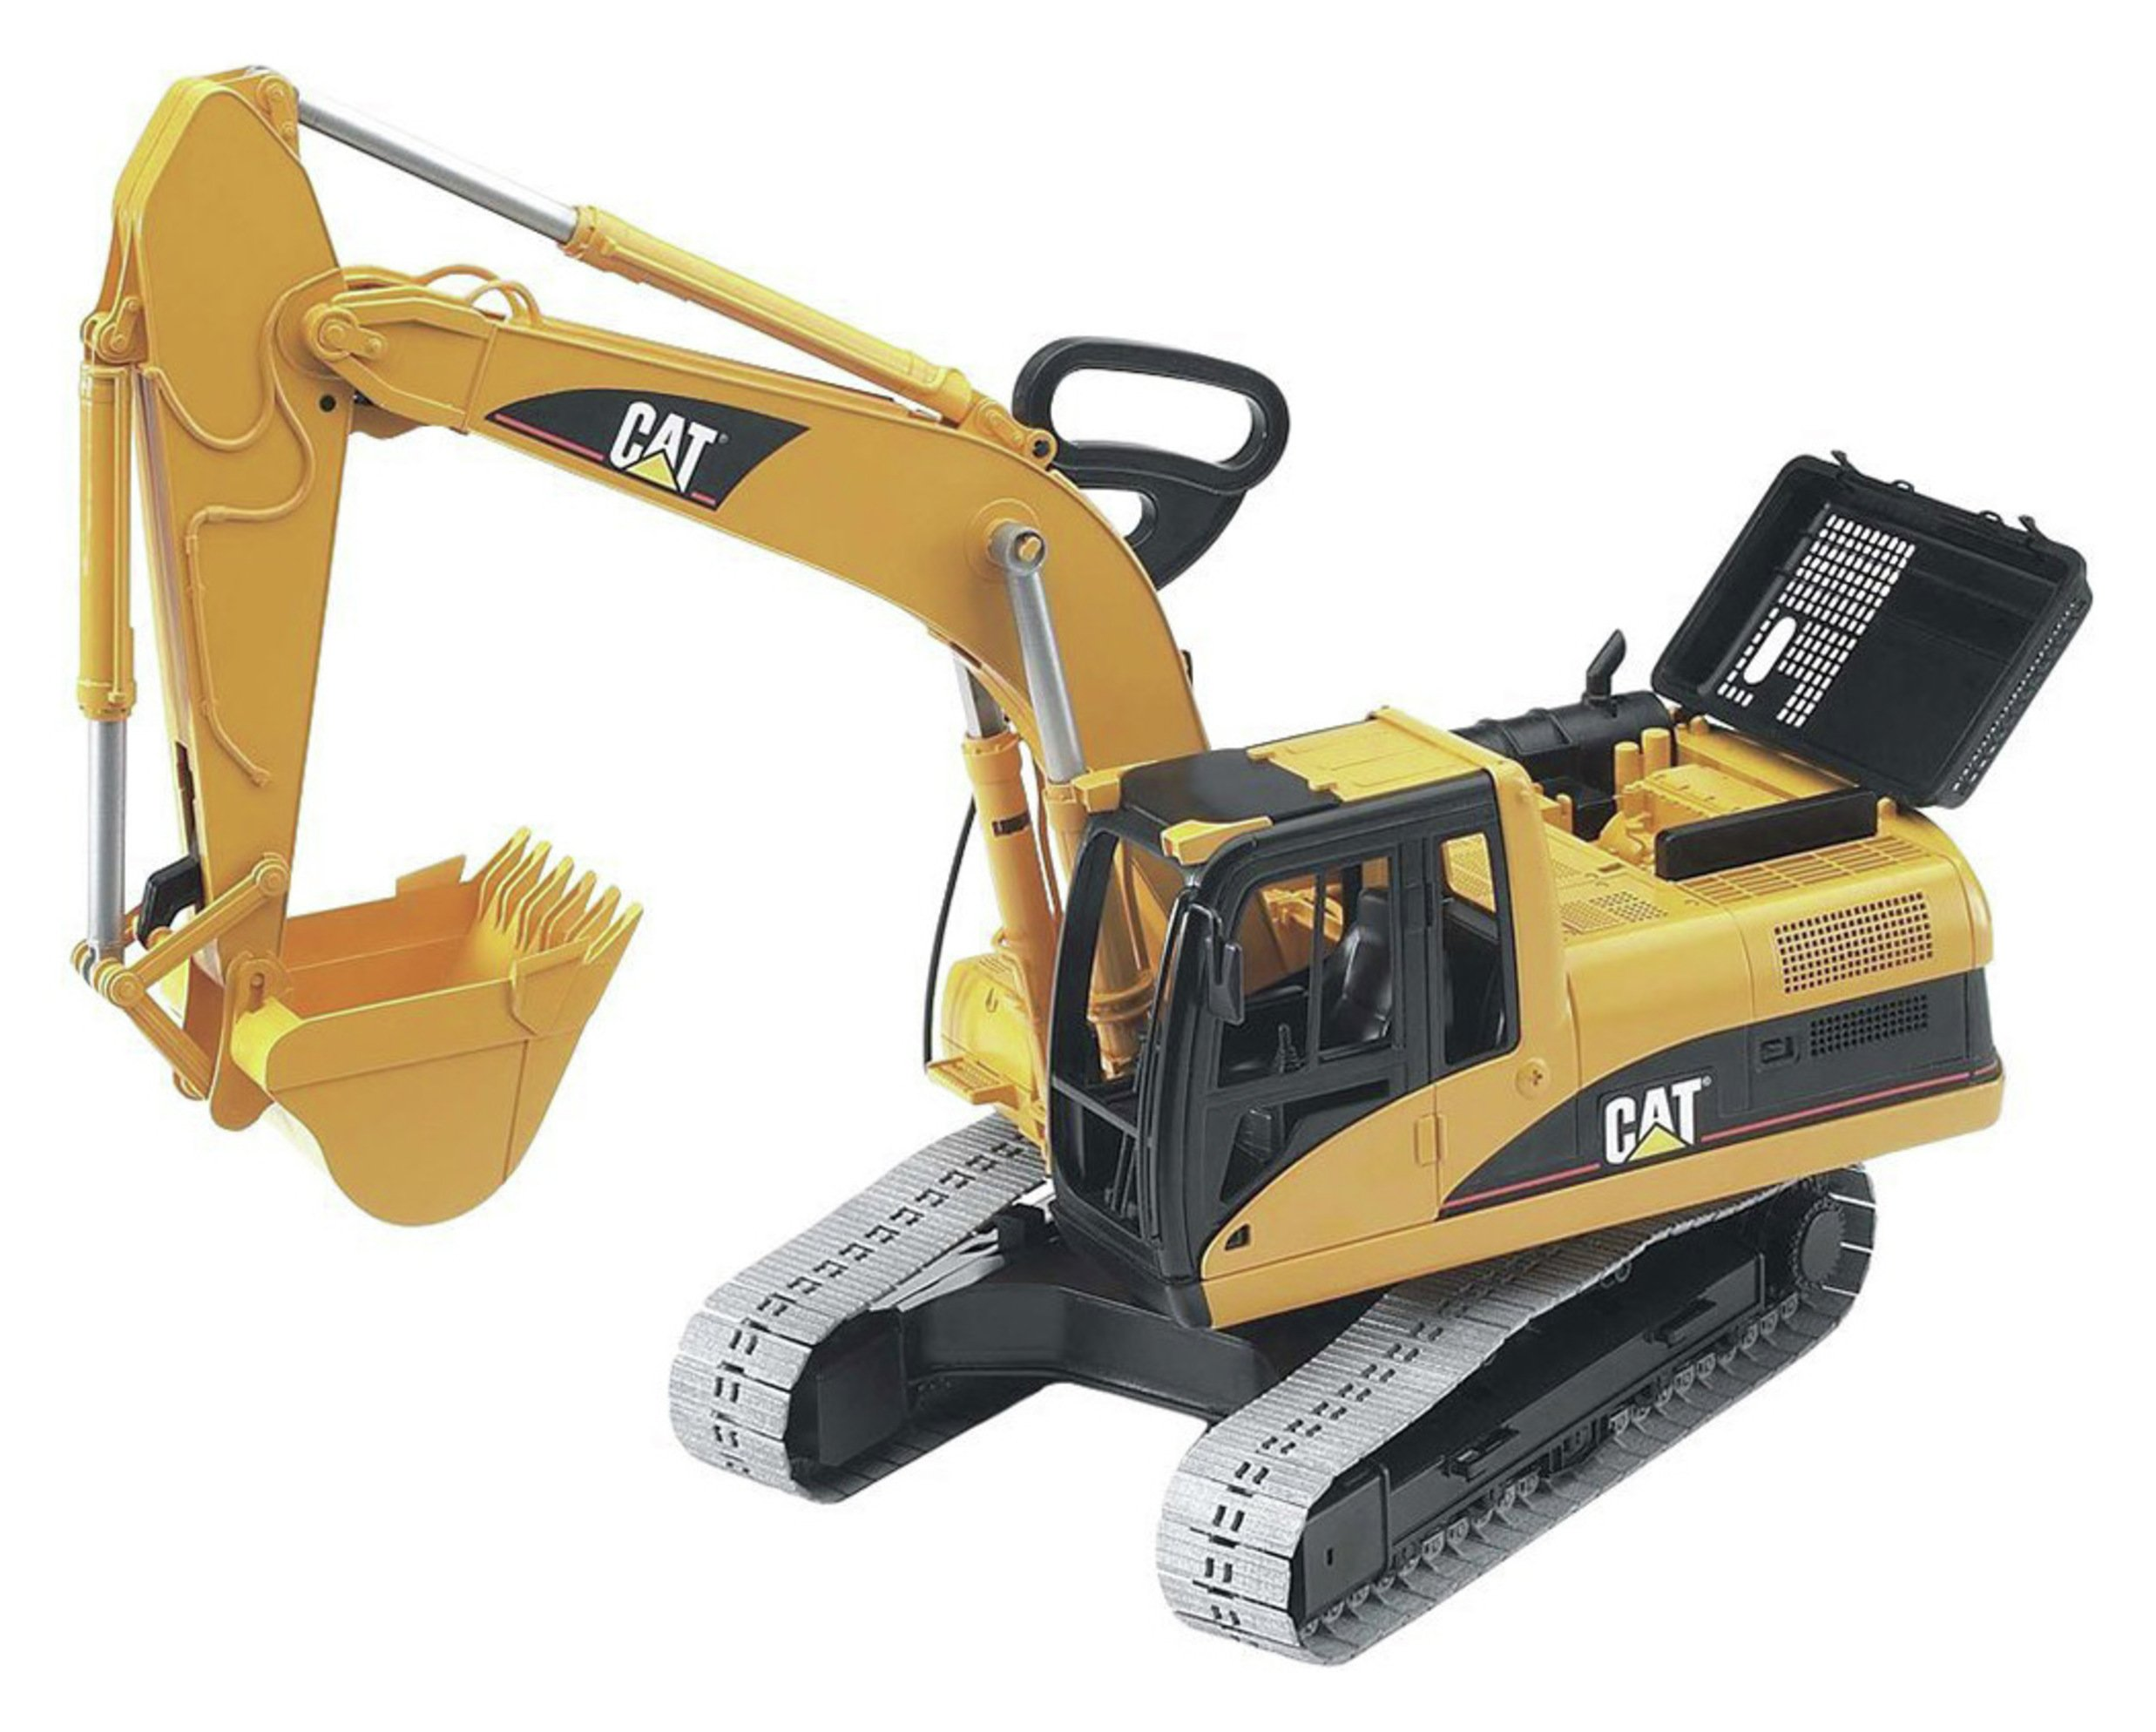 Image of Bruder CAT Excavator